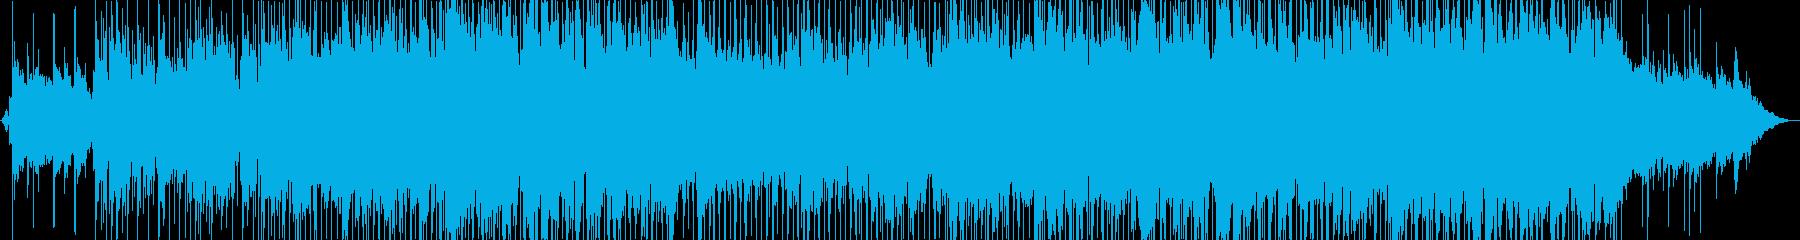 ほのぼのとした哀愁感あるフォークバラードの再生済みの波形